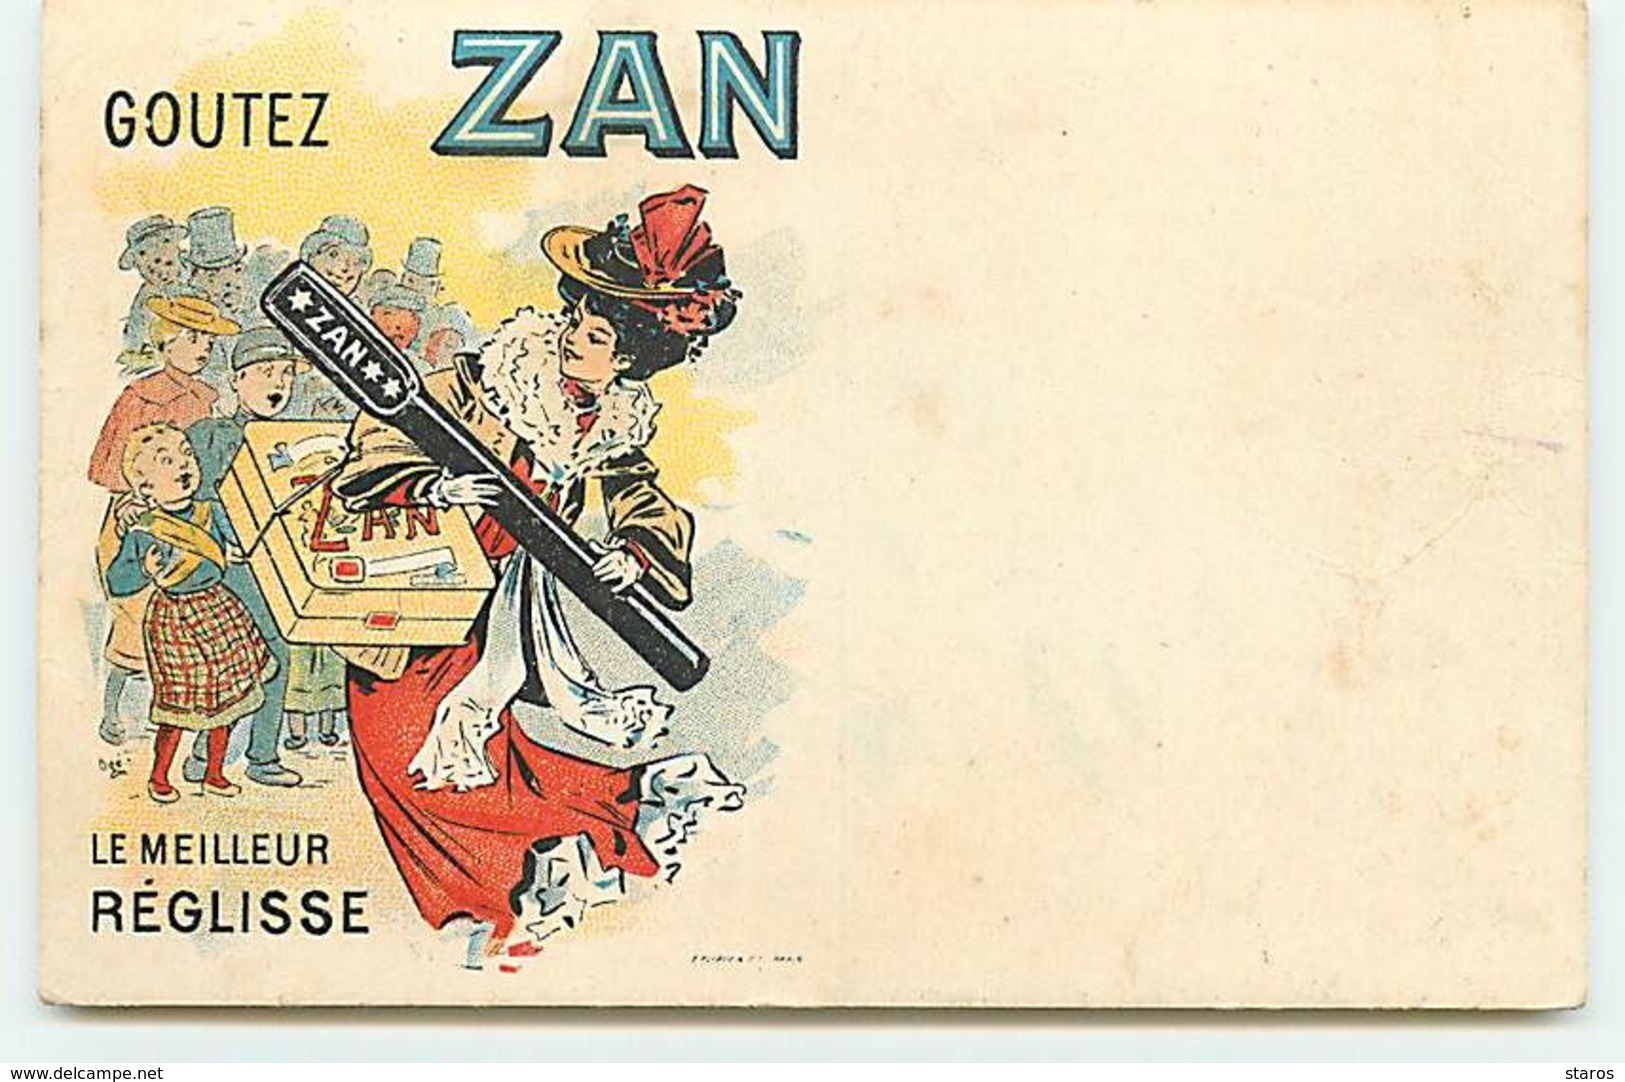 Publicité - Goutez Zan - Le Meilleur Réglisse - Advertising